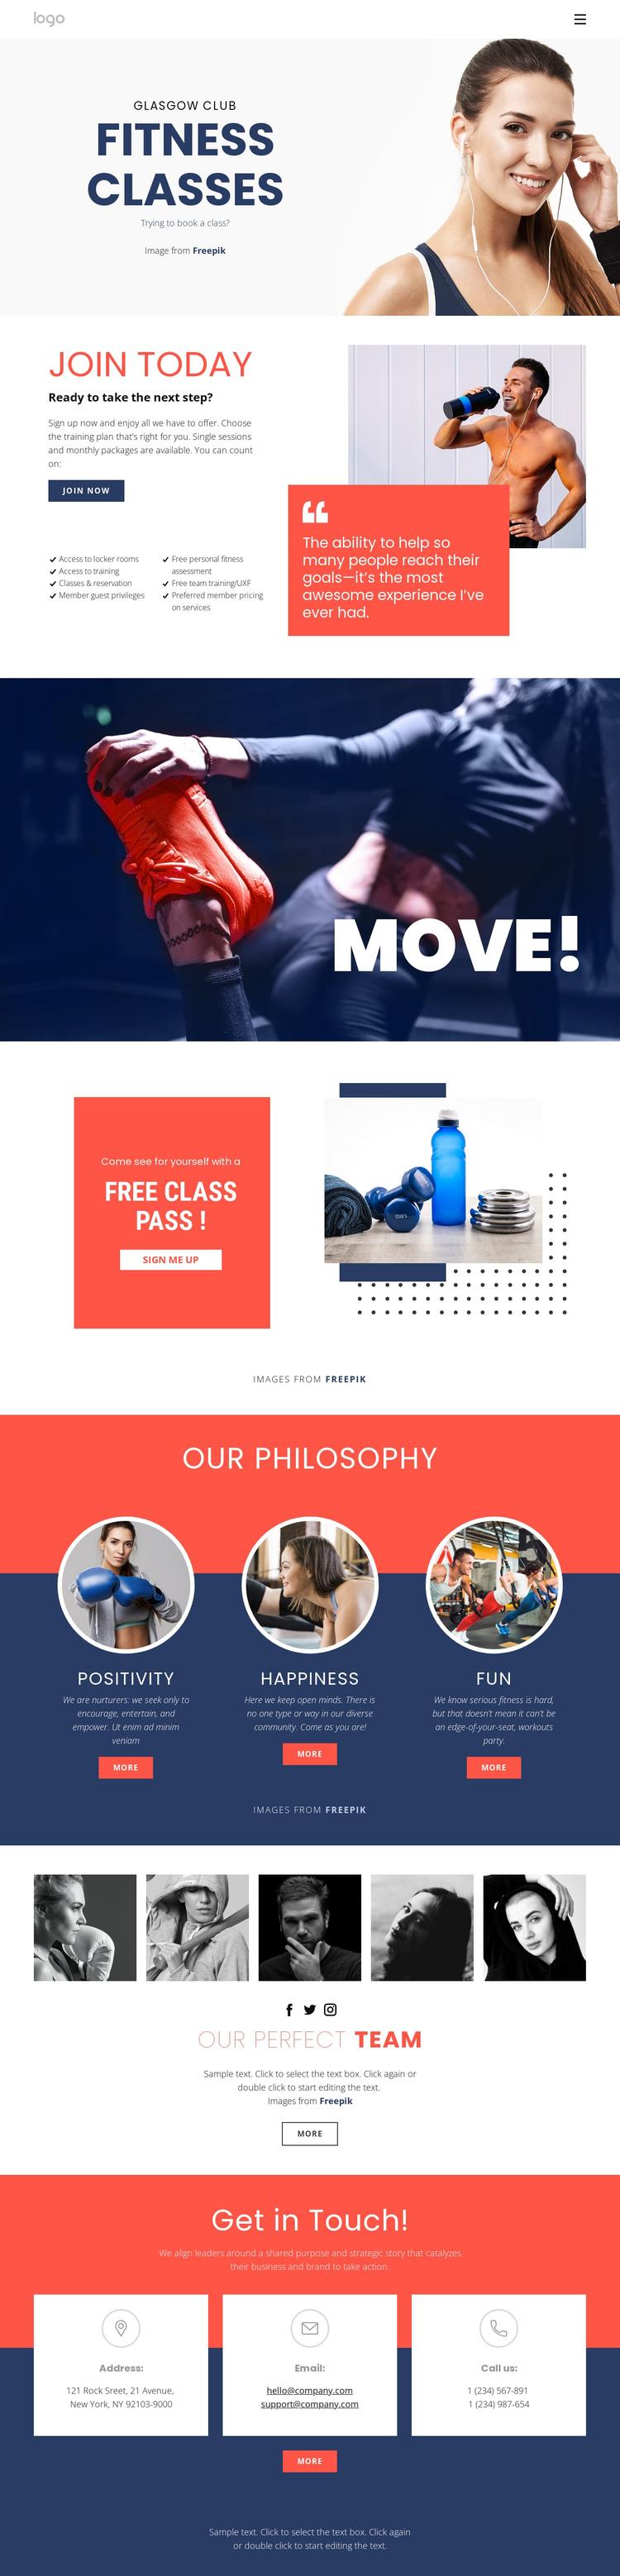 Fitness studio Website Builder Software